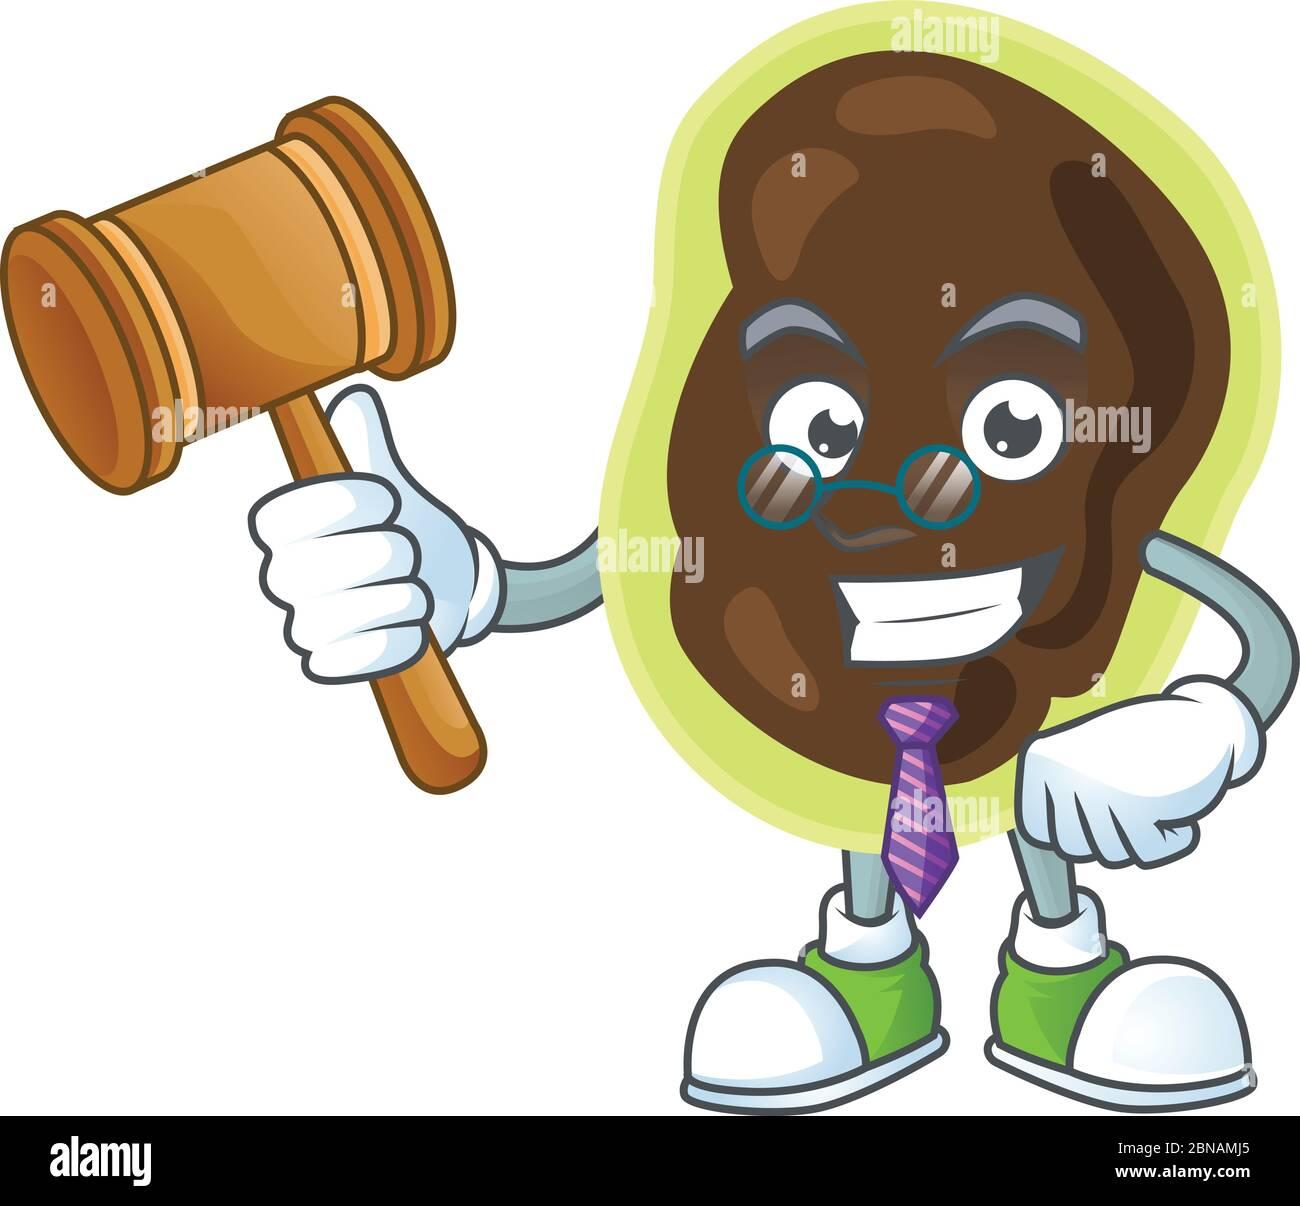 Un sage juge firmicutes dessin de mascotte de dessin animé portant des lunettes Illustration de Vecteur